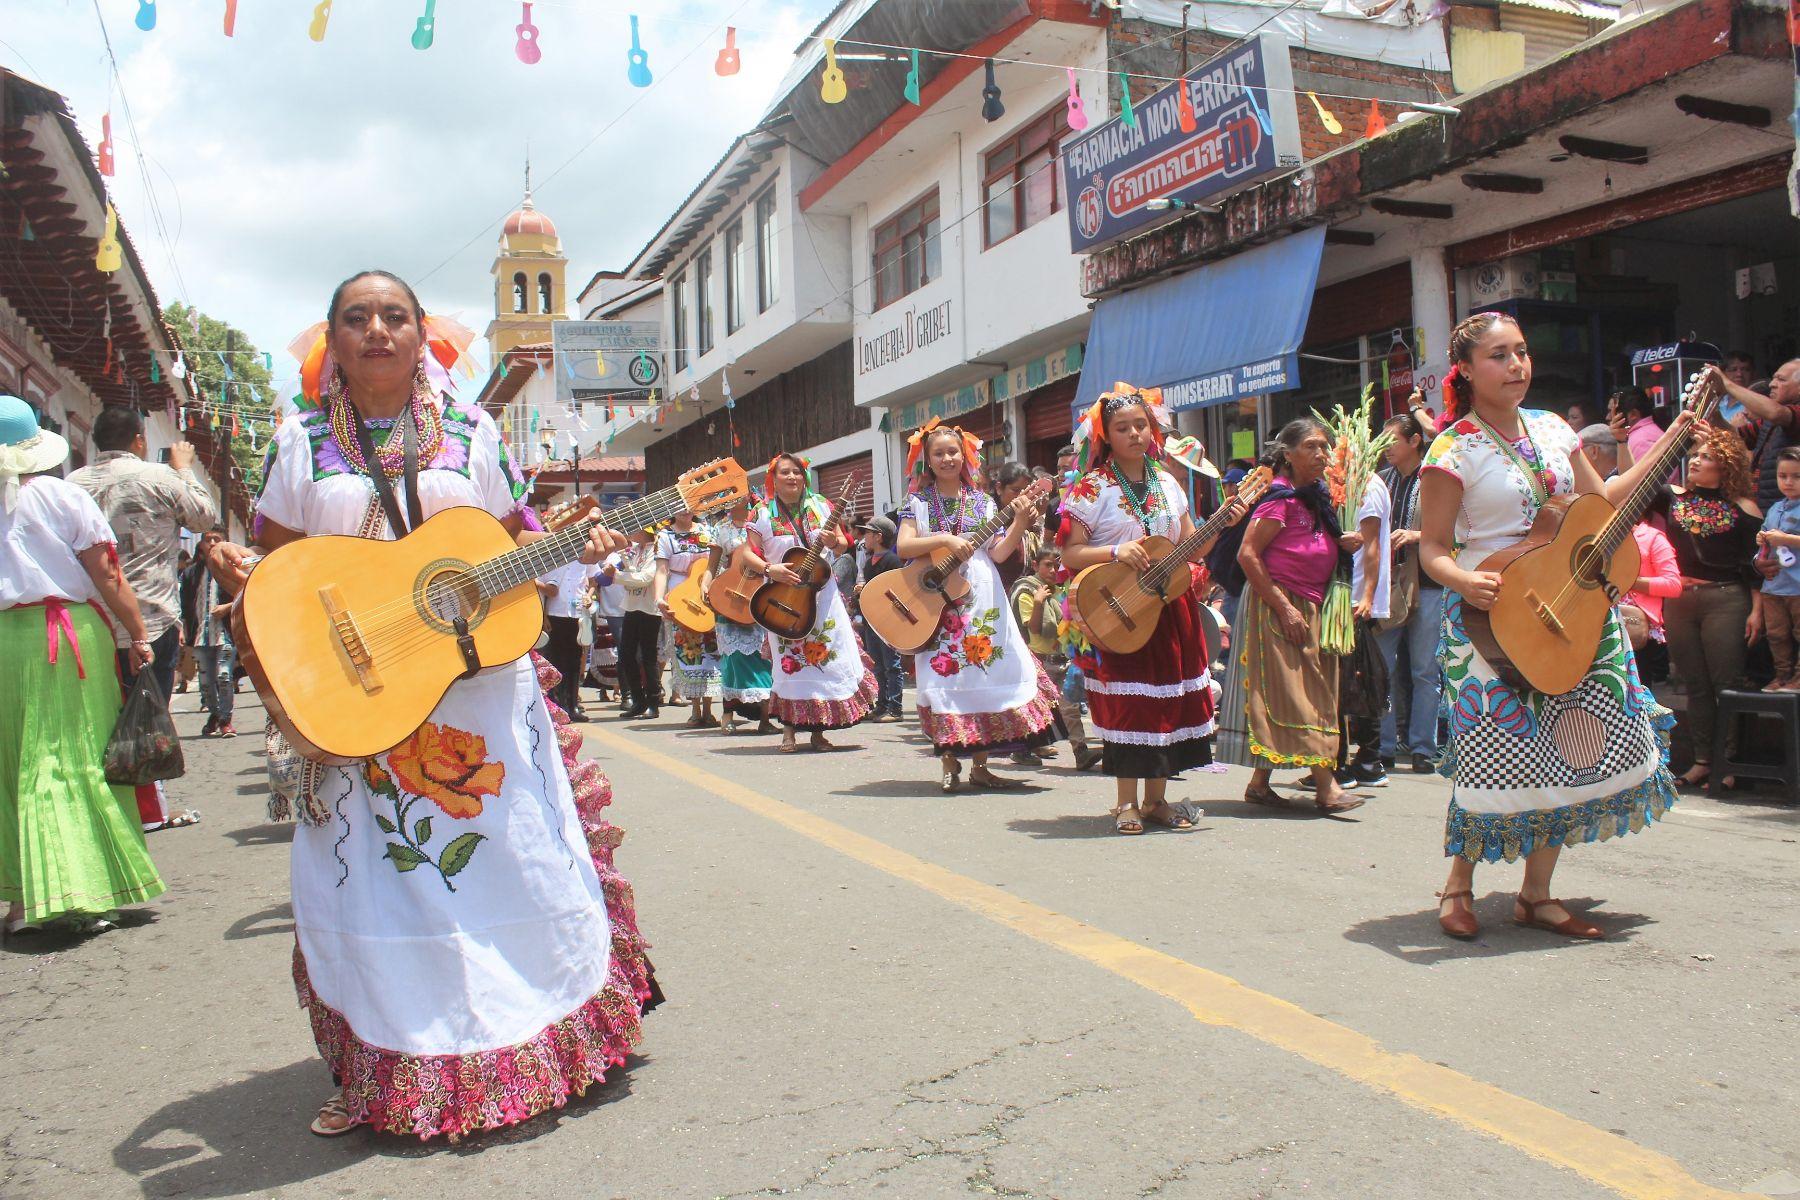 Se llevará acabo del 3 al 11 de agosto en Paracho, Michoacán la XLVI Feria  Internacional de la Guitarra - Plenilunia